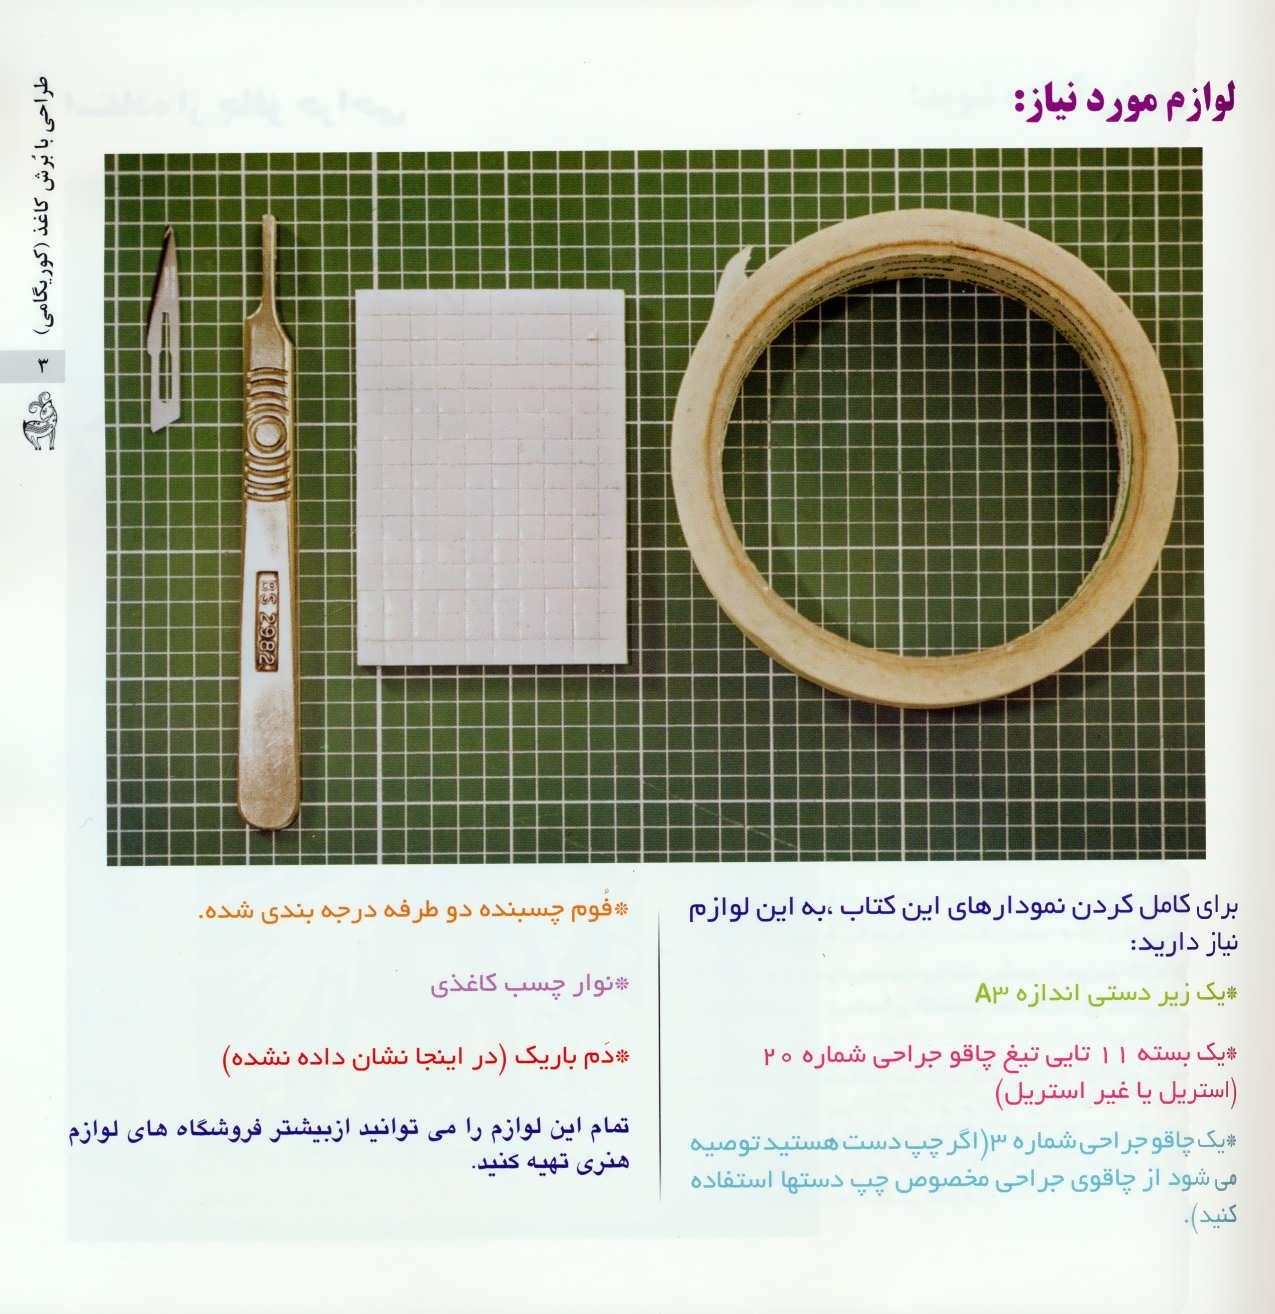 دنیای هنر (طراحی با برش کاغذ)،(کوریگامی)،(گلاسه)